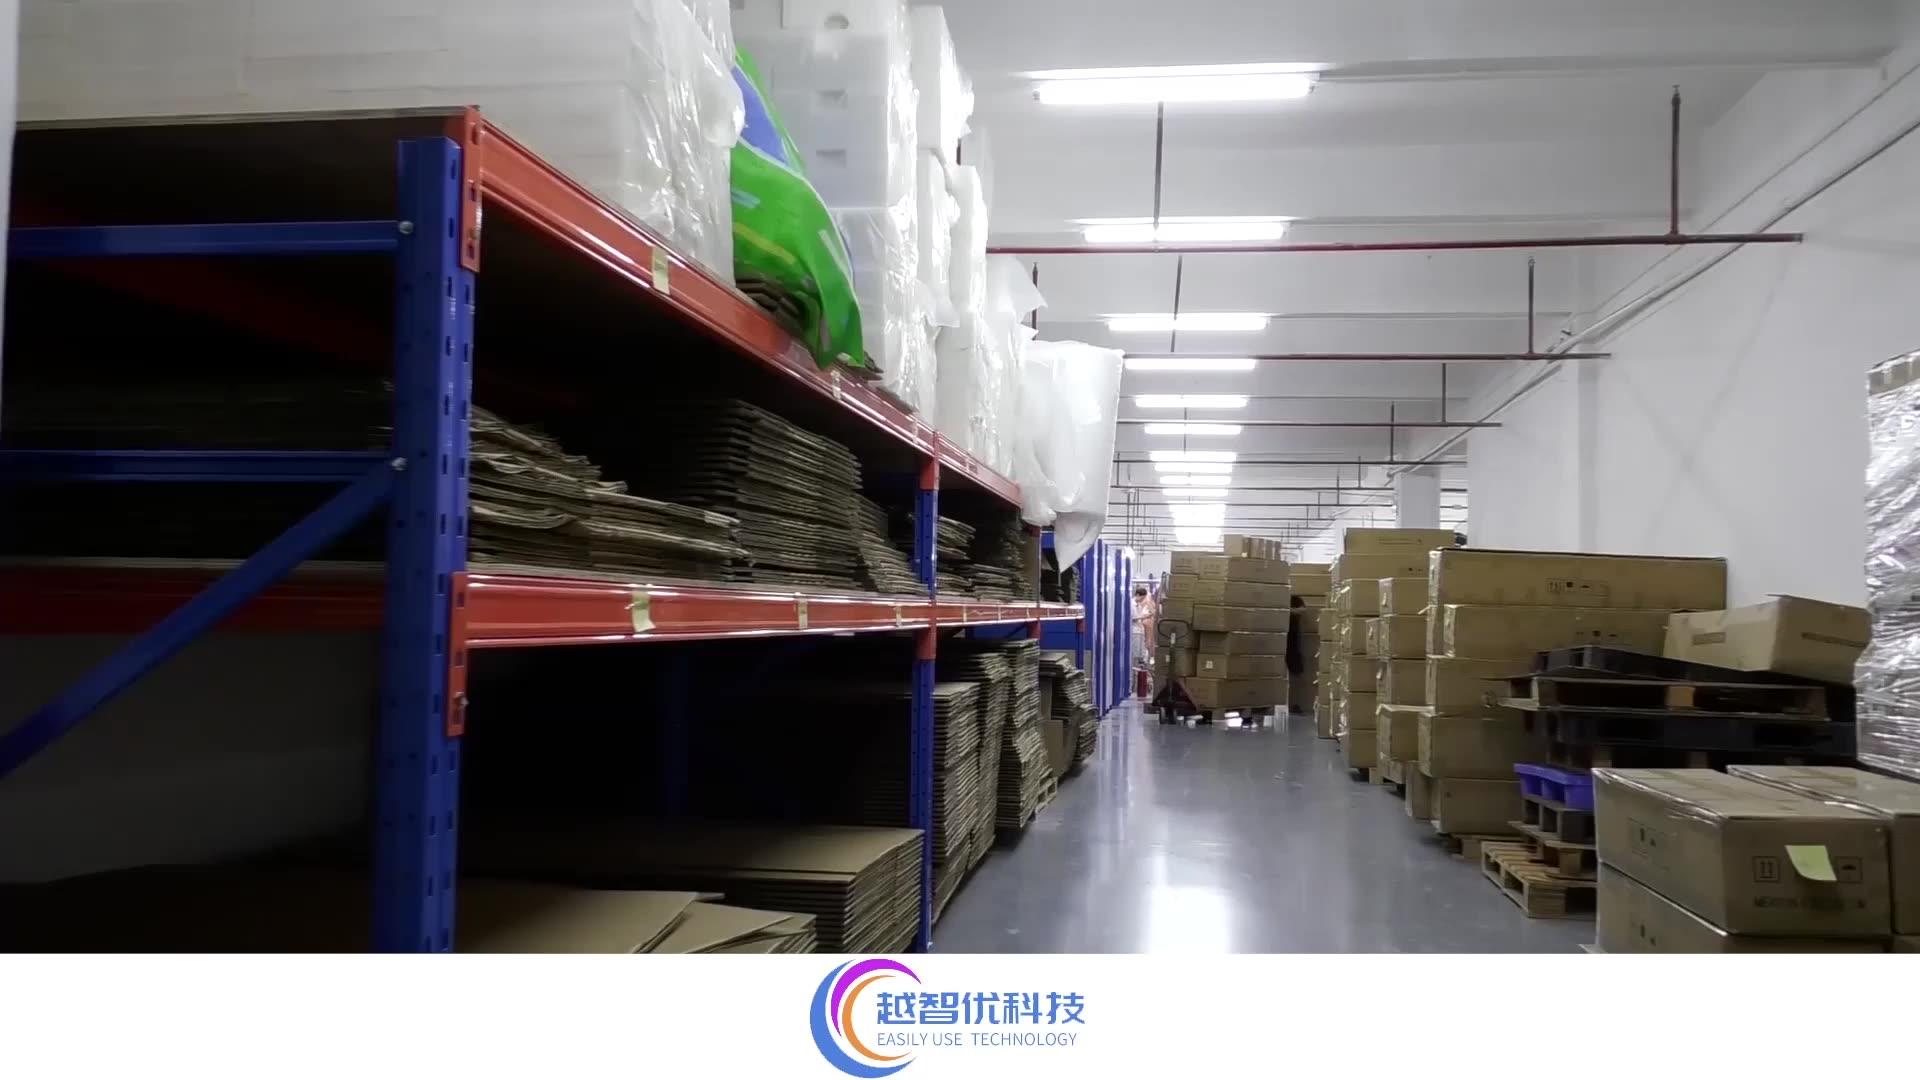 شعبية بيع سيليكون الذكور الاستمناء كأس الرجال الجنس اللعب الاهتزاز الصينية مصنع منتجات جنسية بجودة عالية